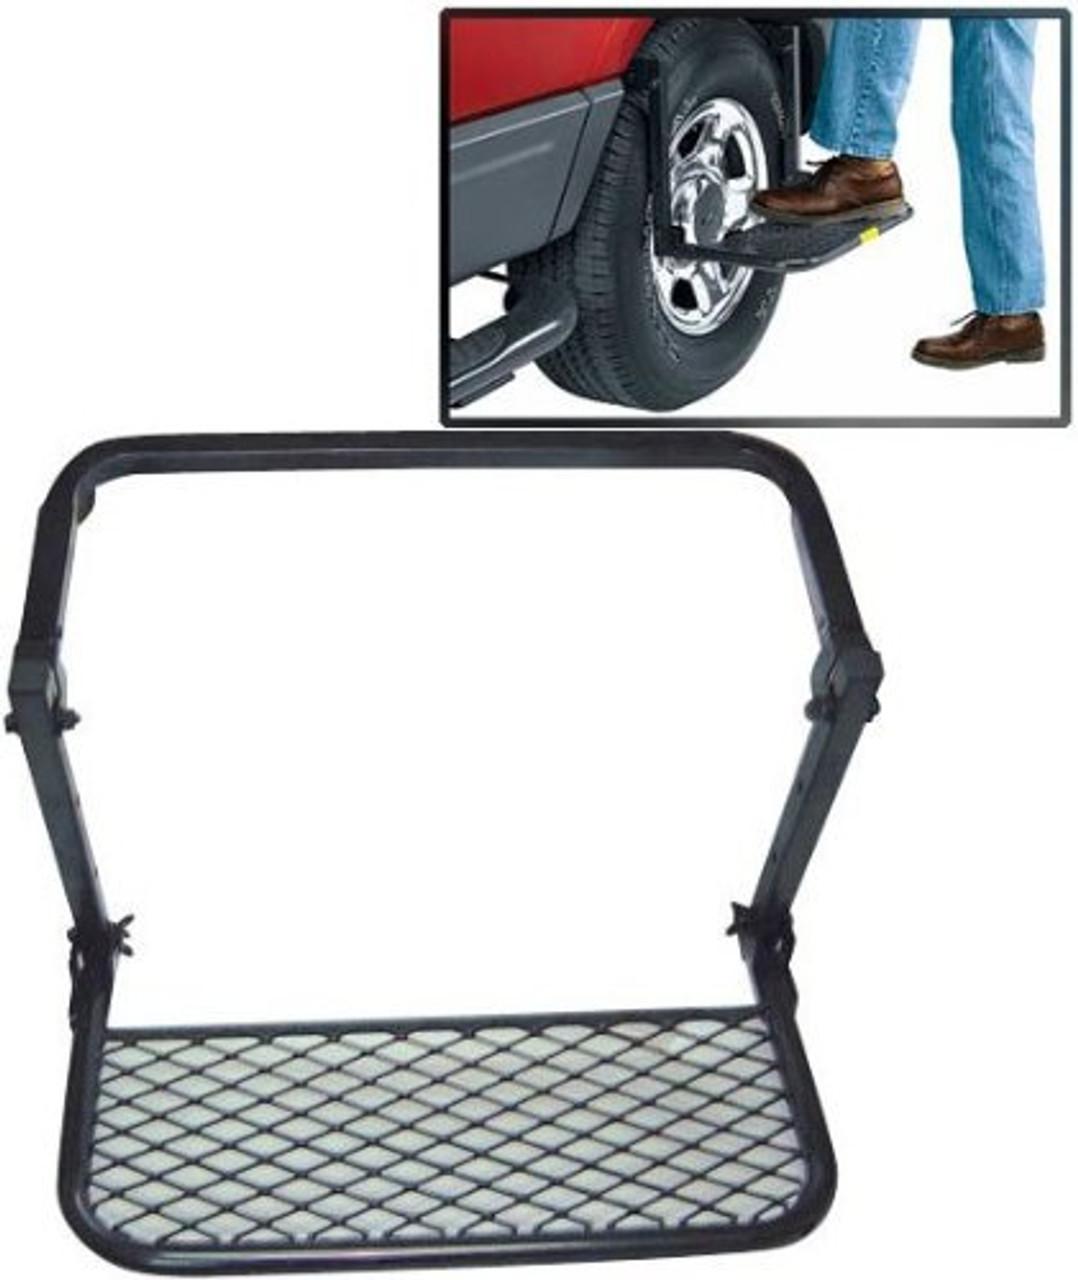 Steel adjustable tire step up